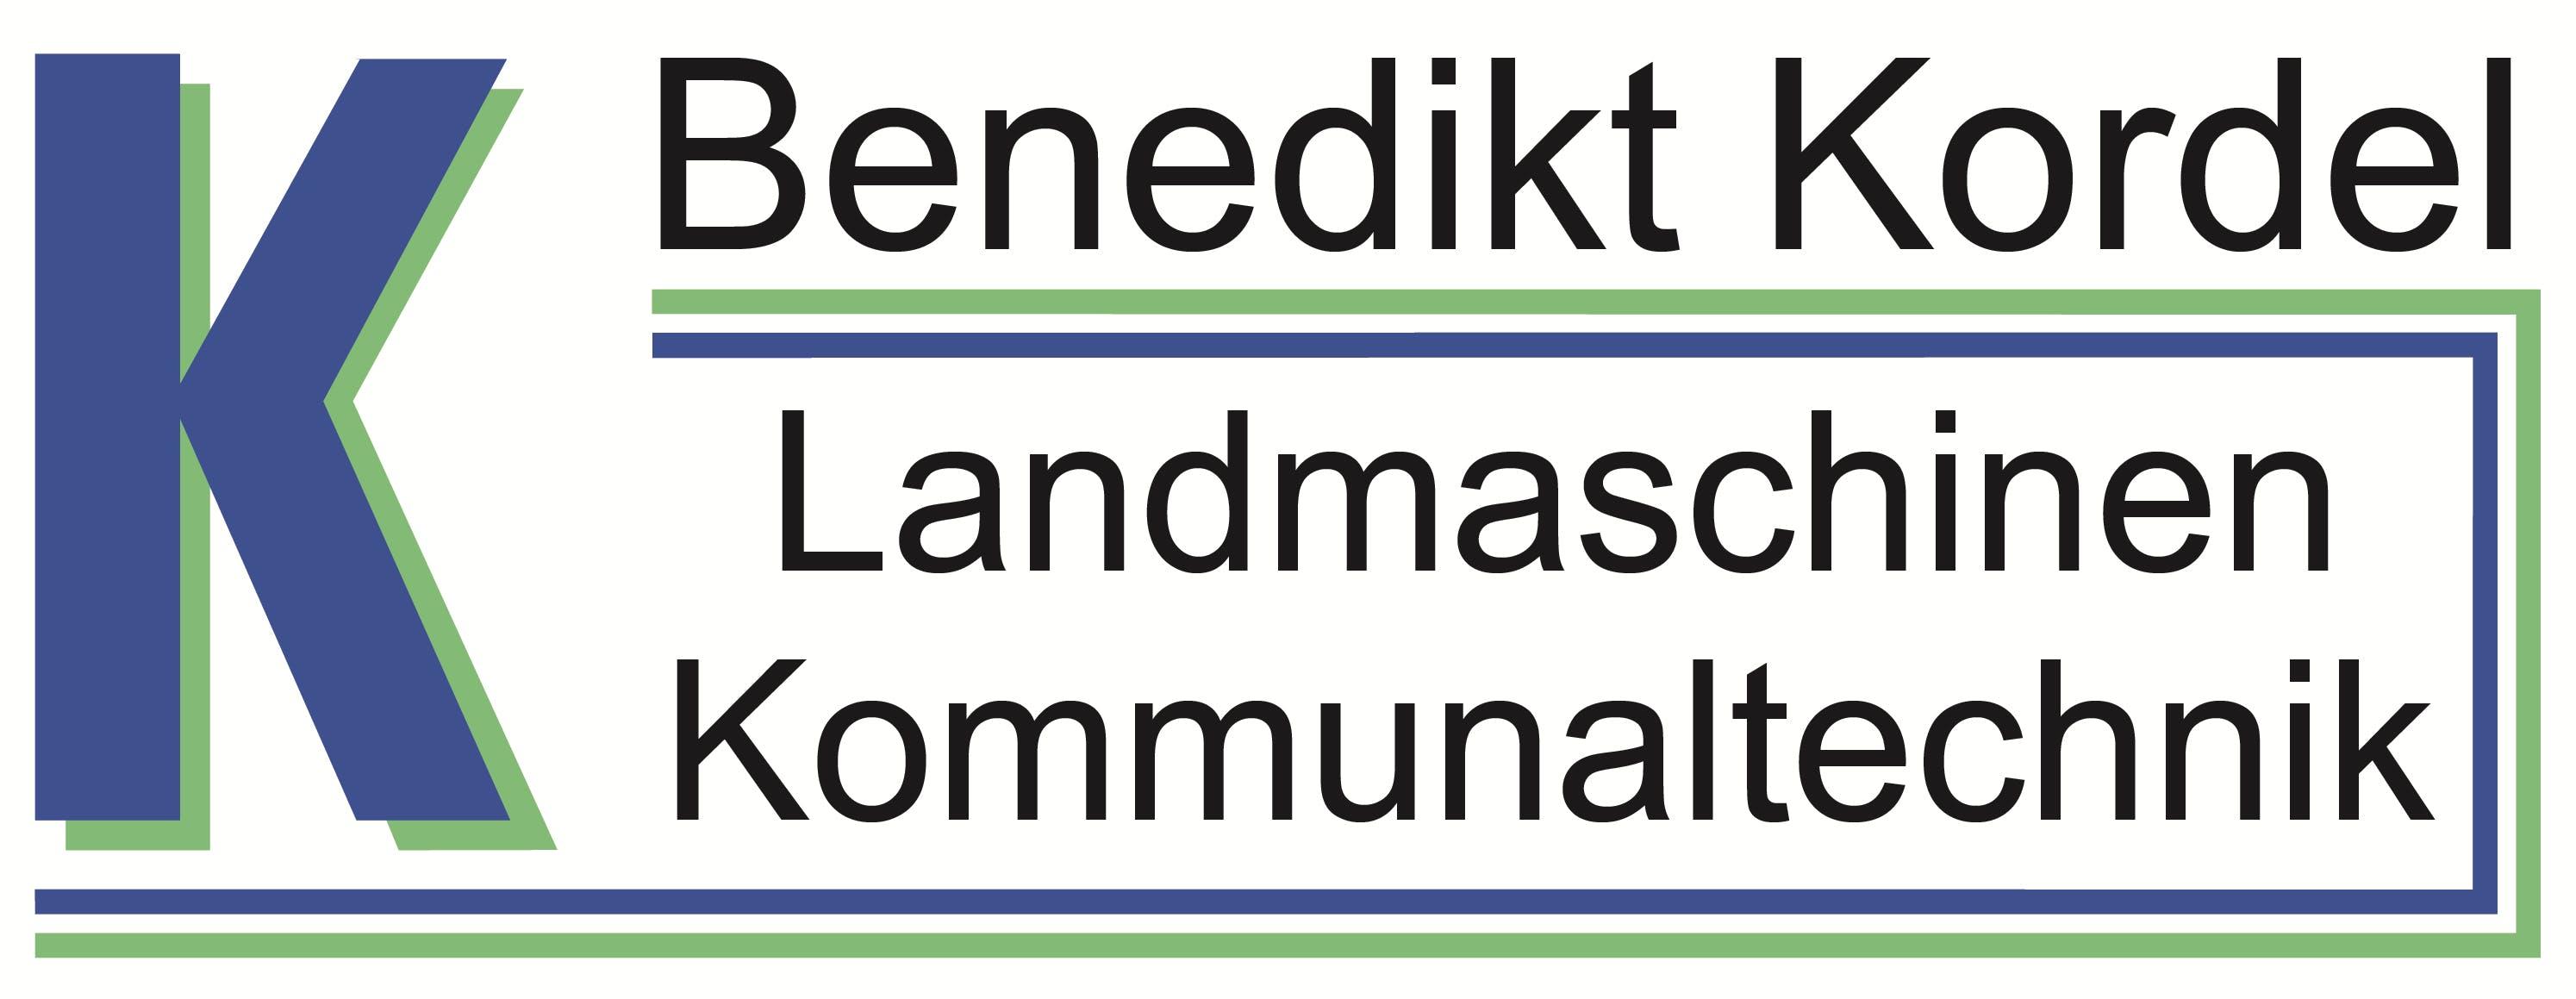 Company logo for 'Benedikt Kordel GmbH & Co. KG'.